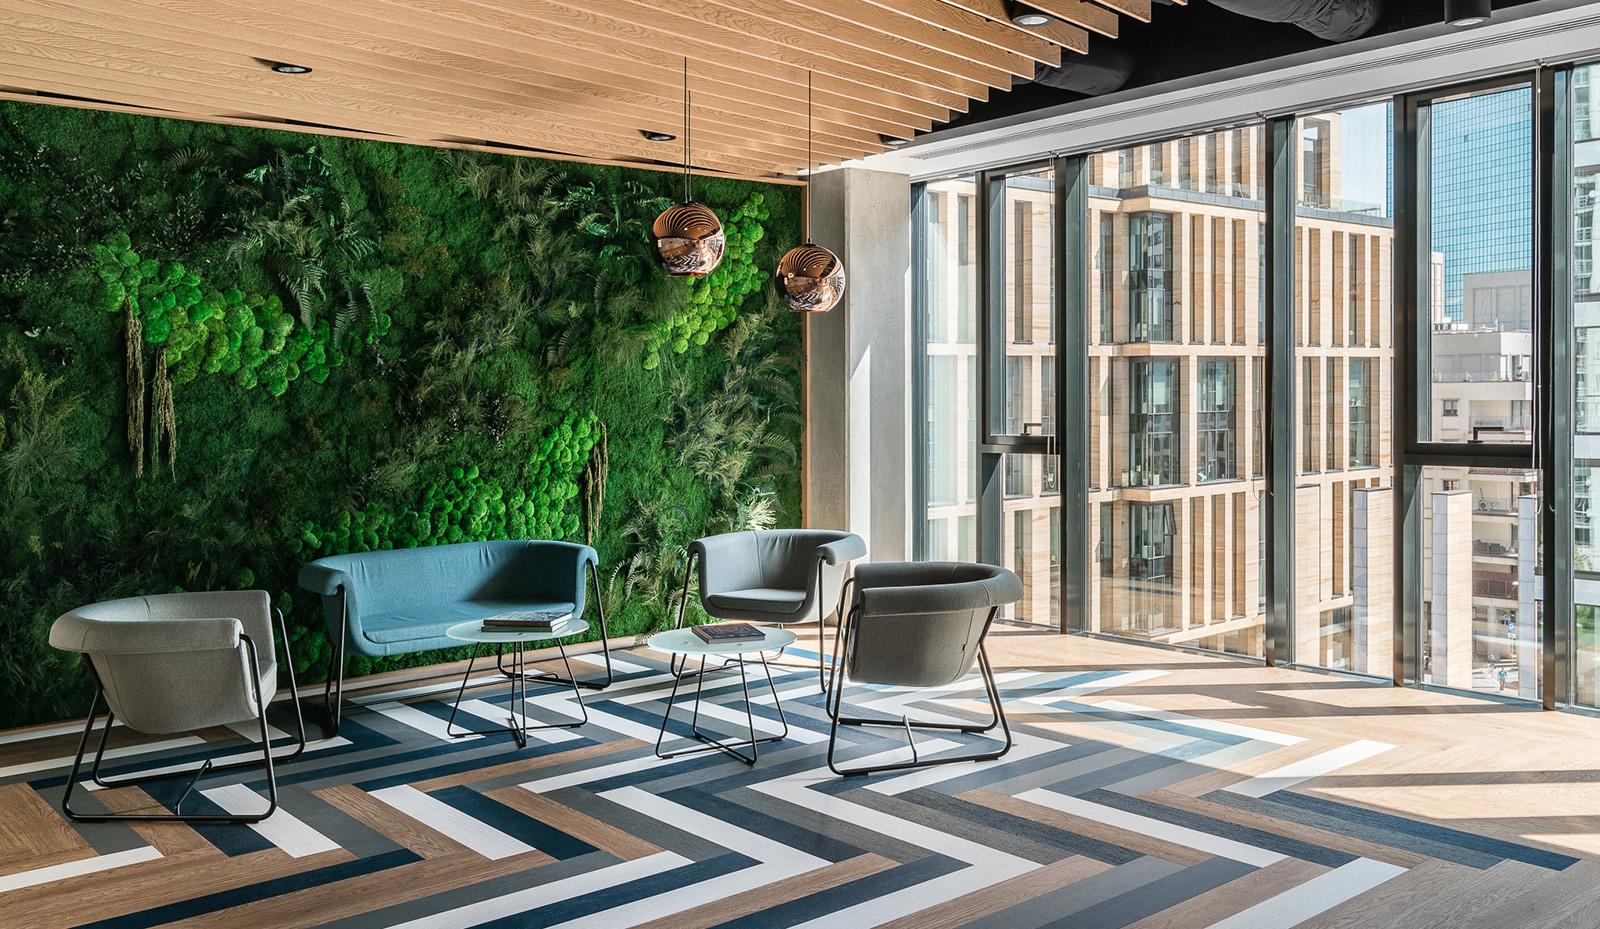 An Inside Look at Euronet's Sleek Warsaw Office